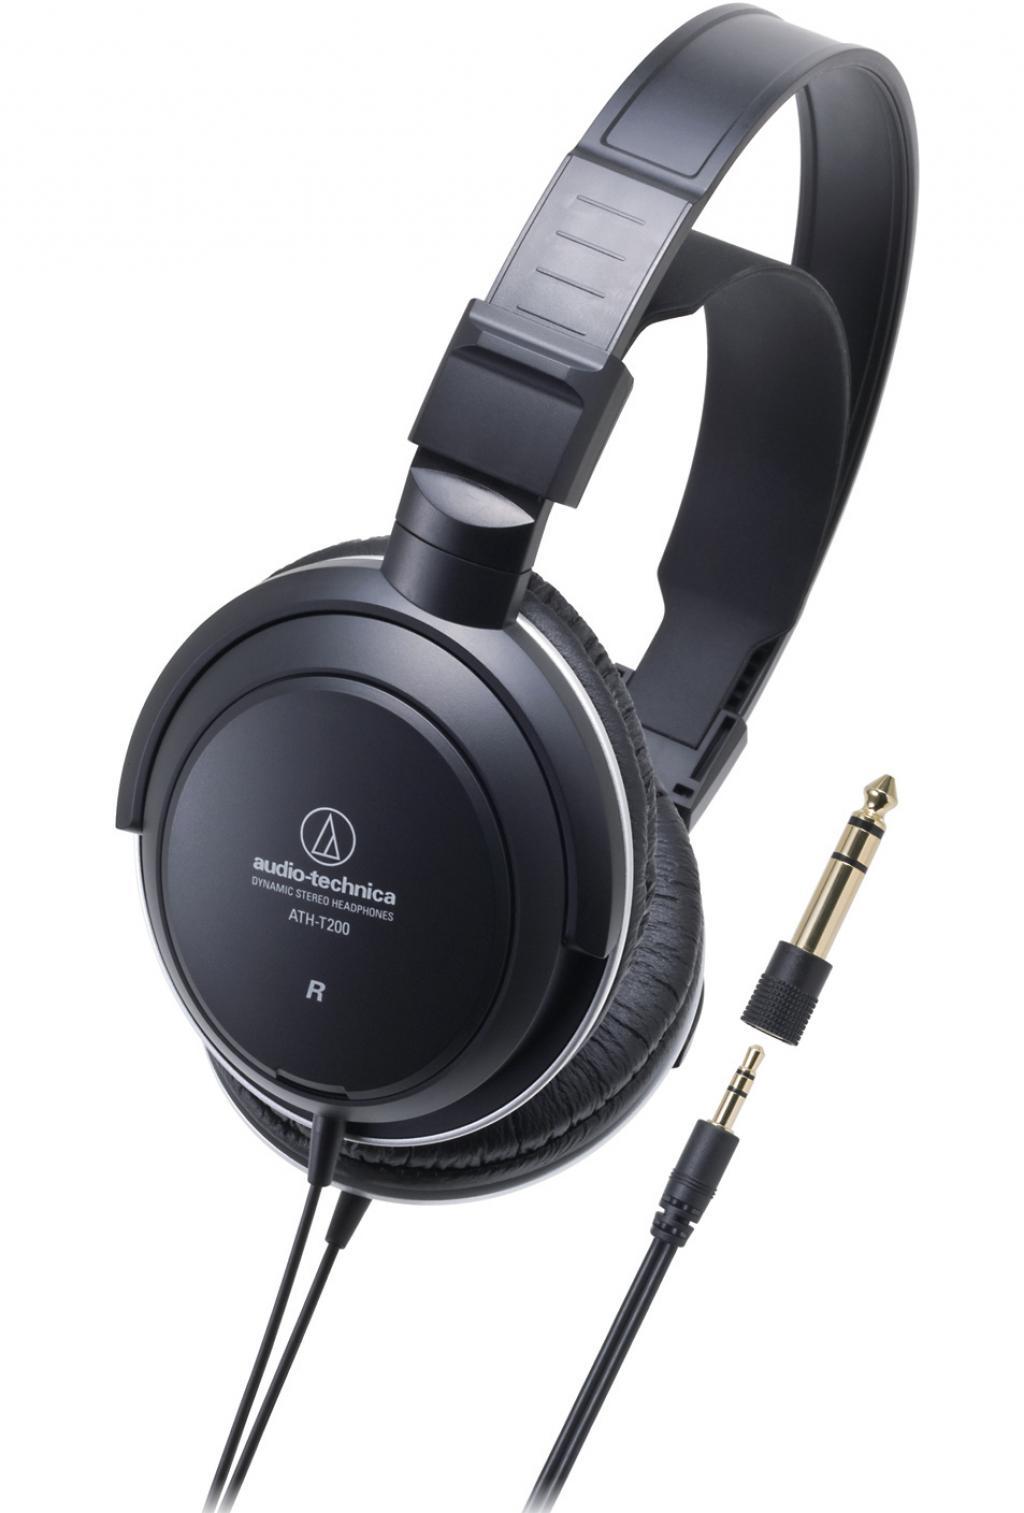 Casti Audio-technica Ath-t200